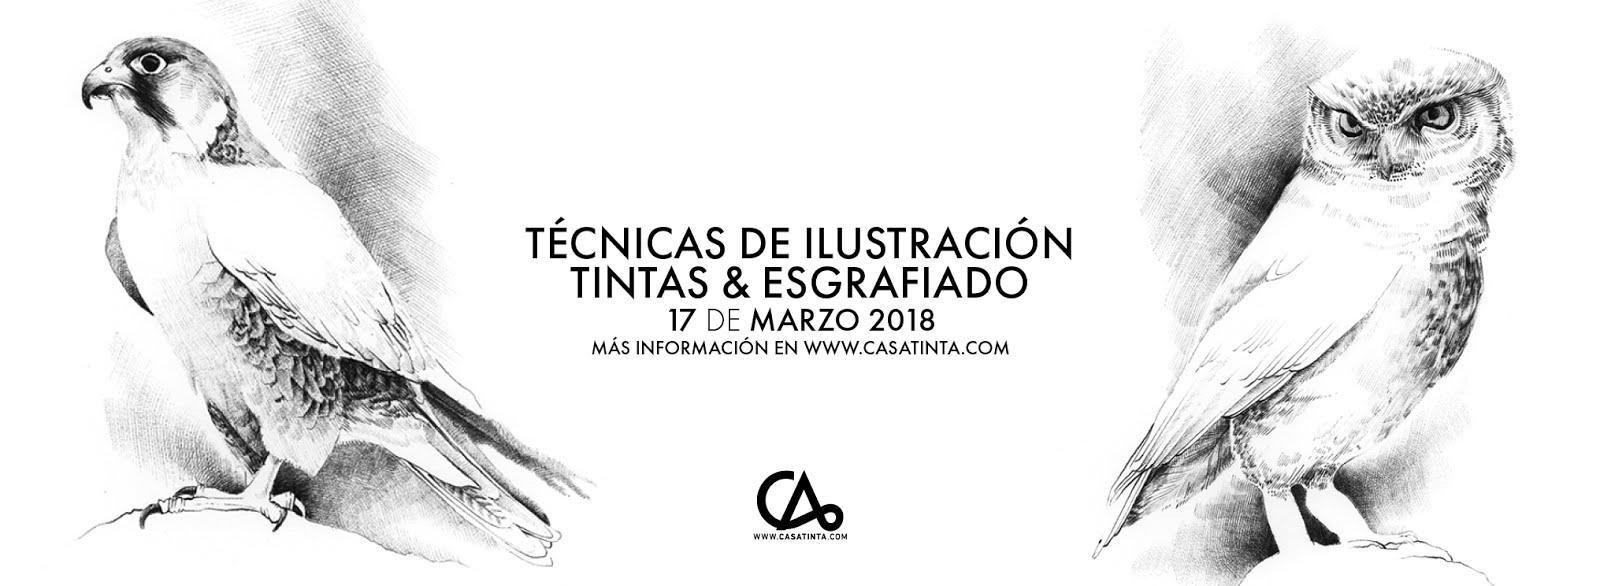 TECNICAS DE ILUSTRACIÓN: tintas y esgrafiado // 17 de marzo